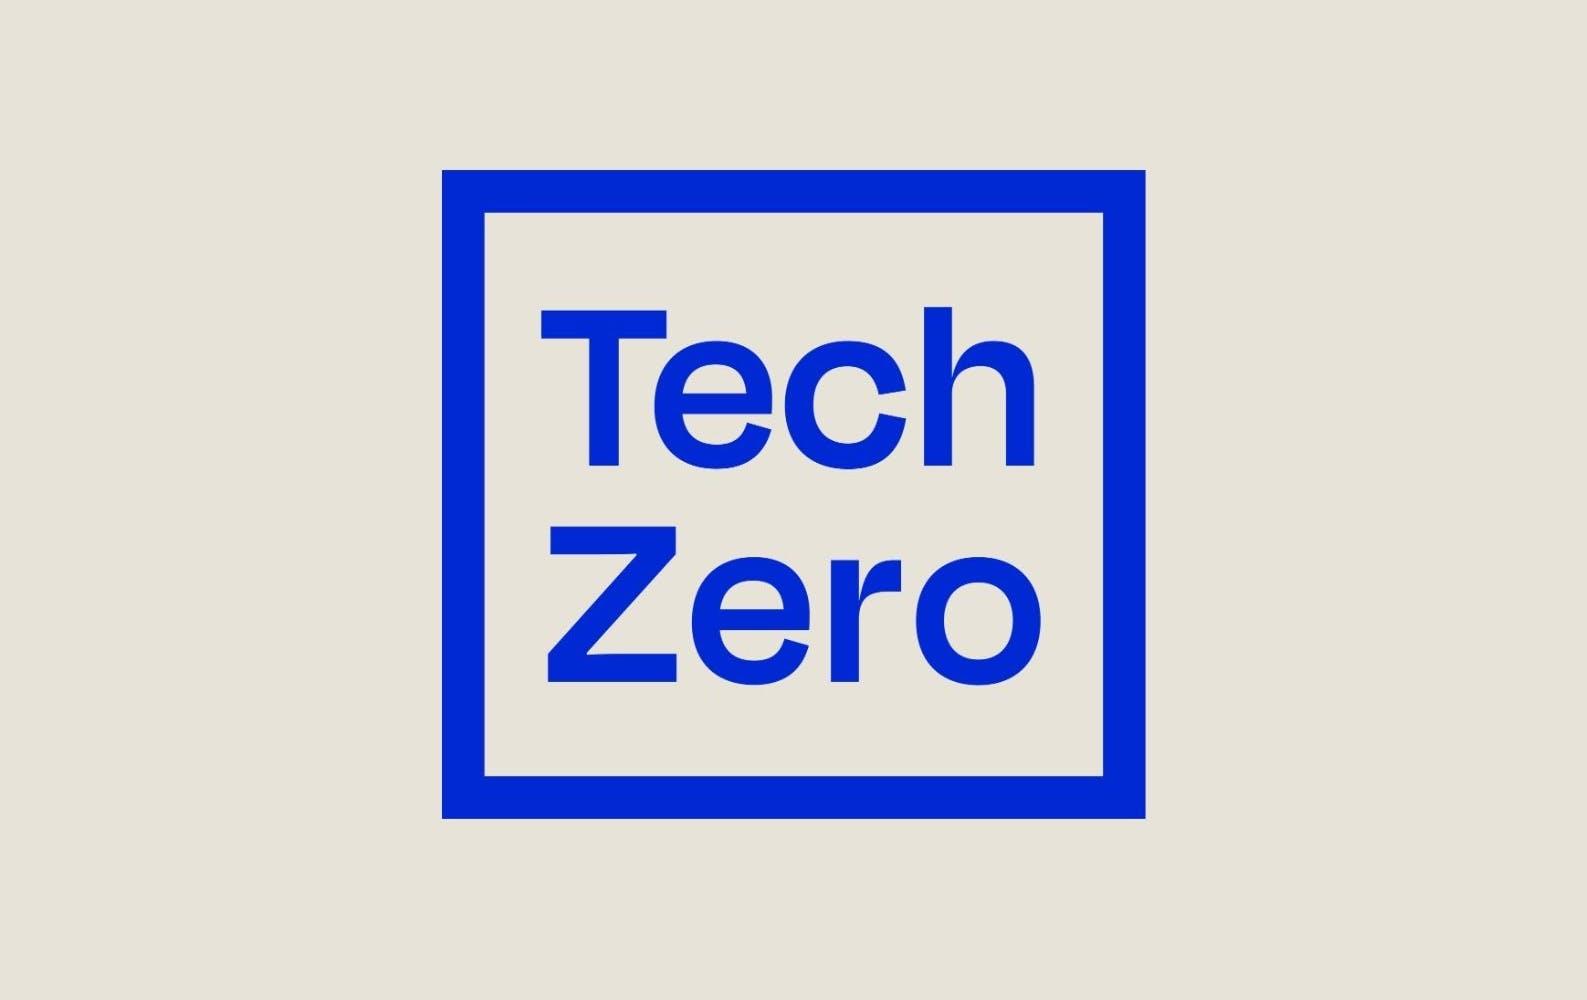 tech zero logo